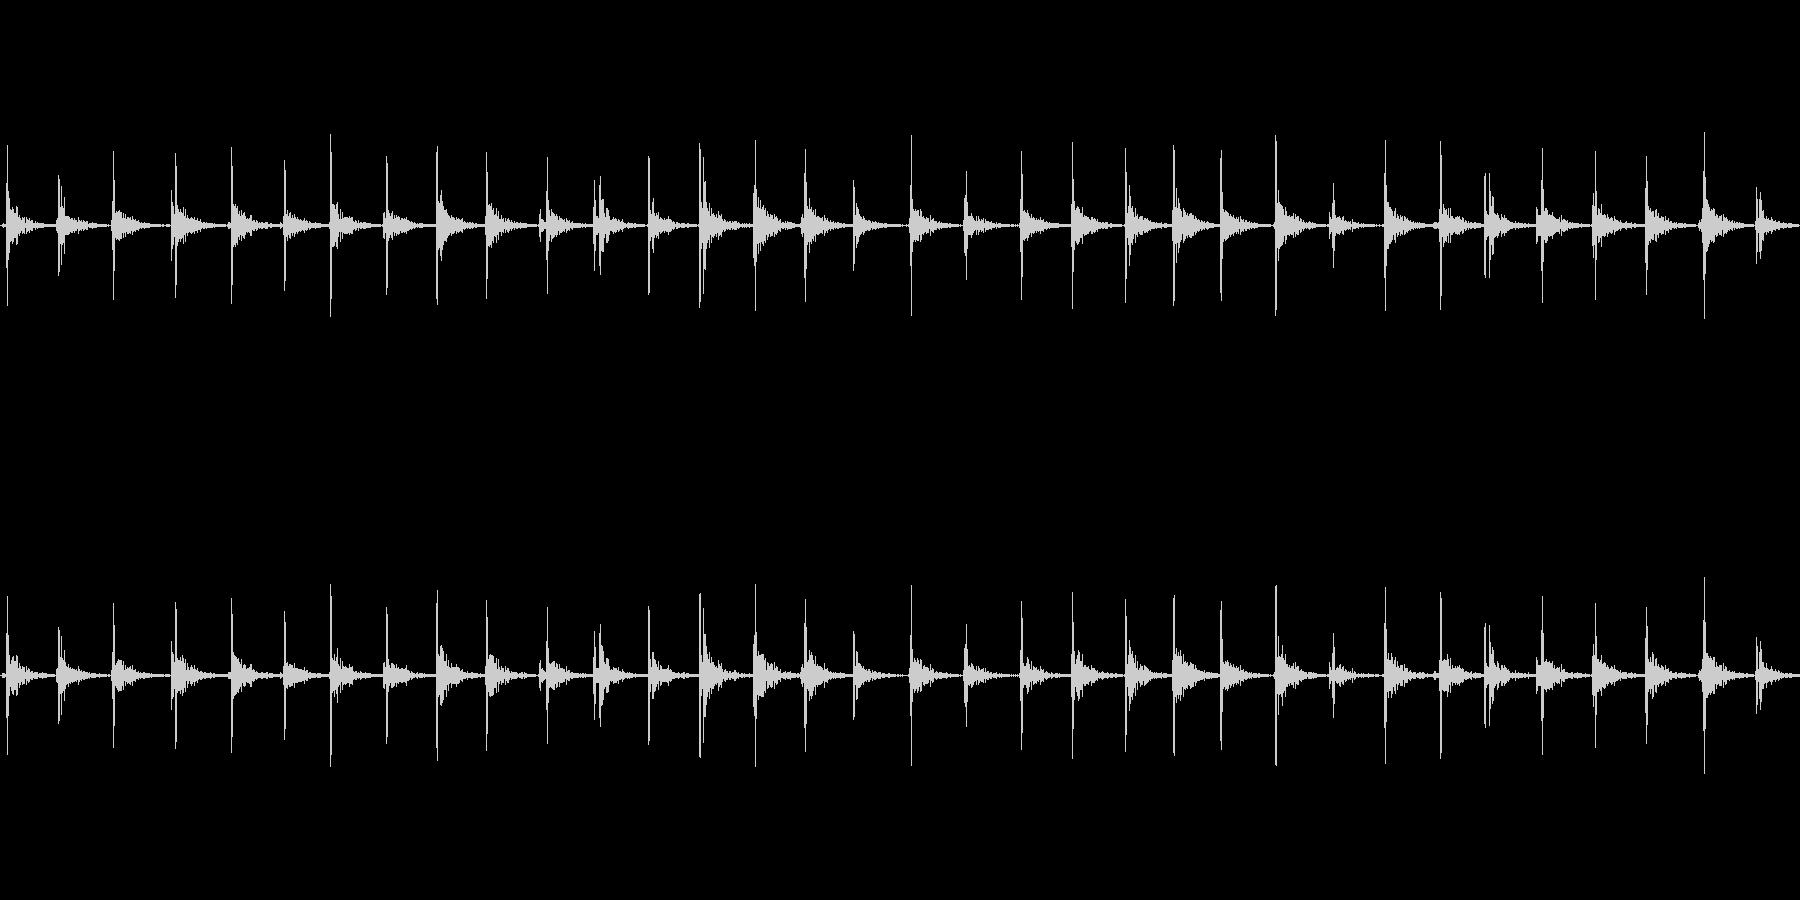 【足音02-5L】の未再生の波形